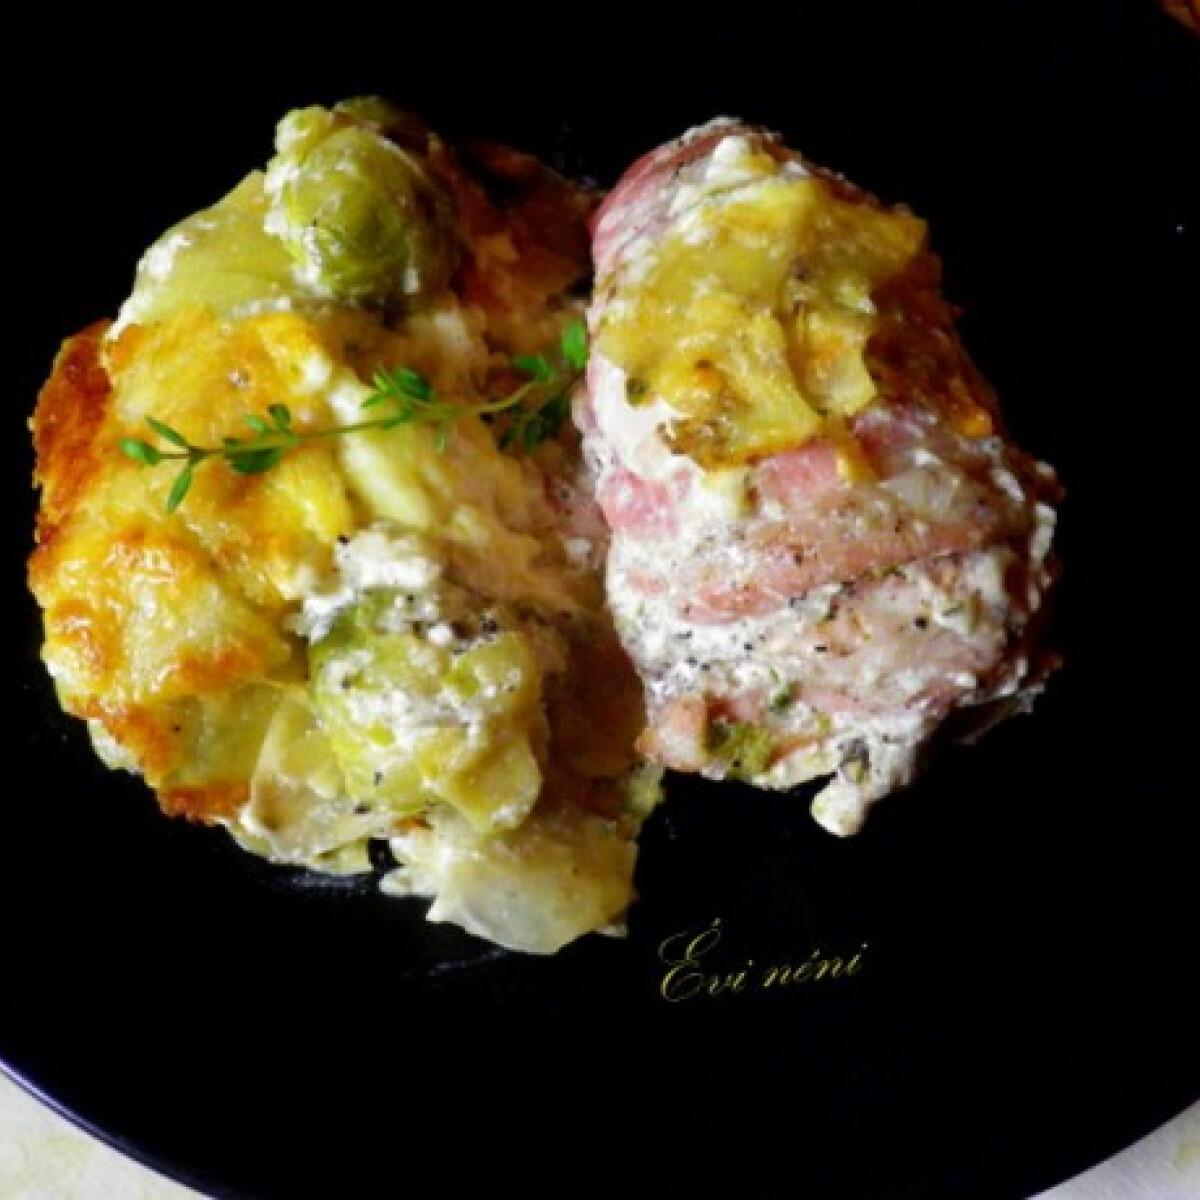 Tejszínben sült csirke burgonya-kelbimbós gratinnel